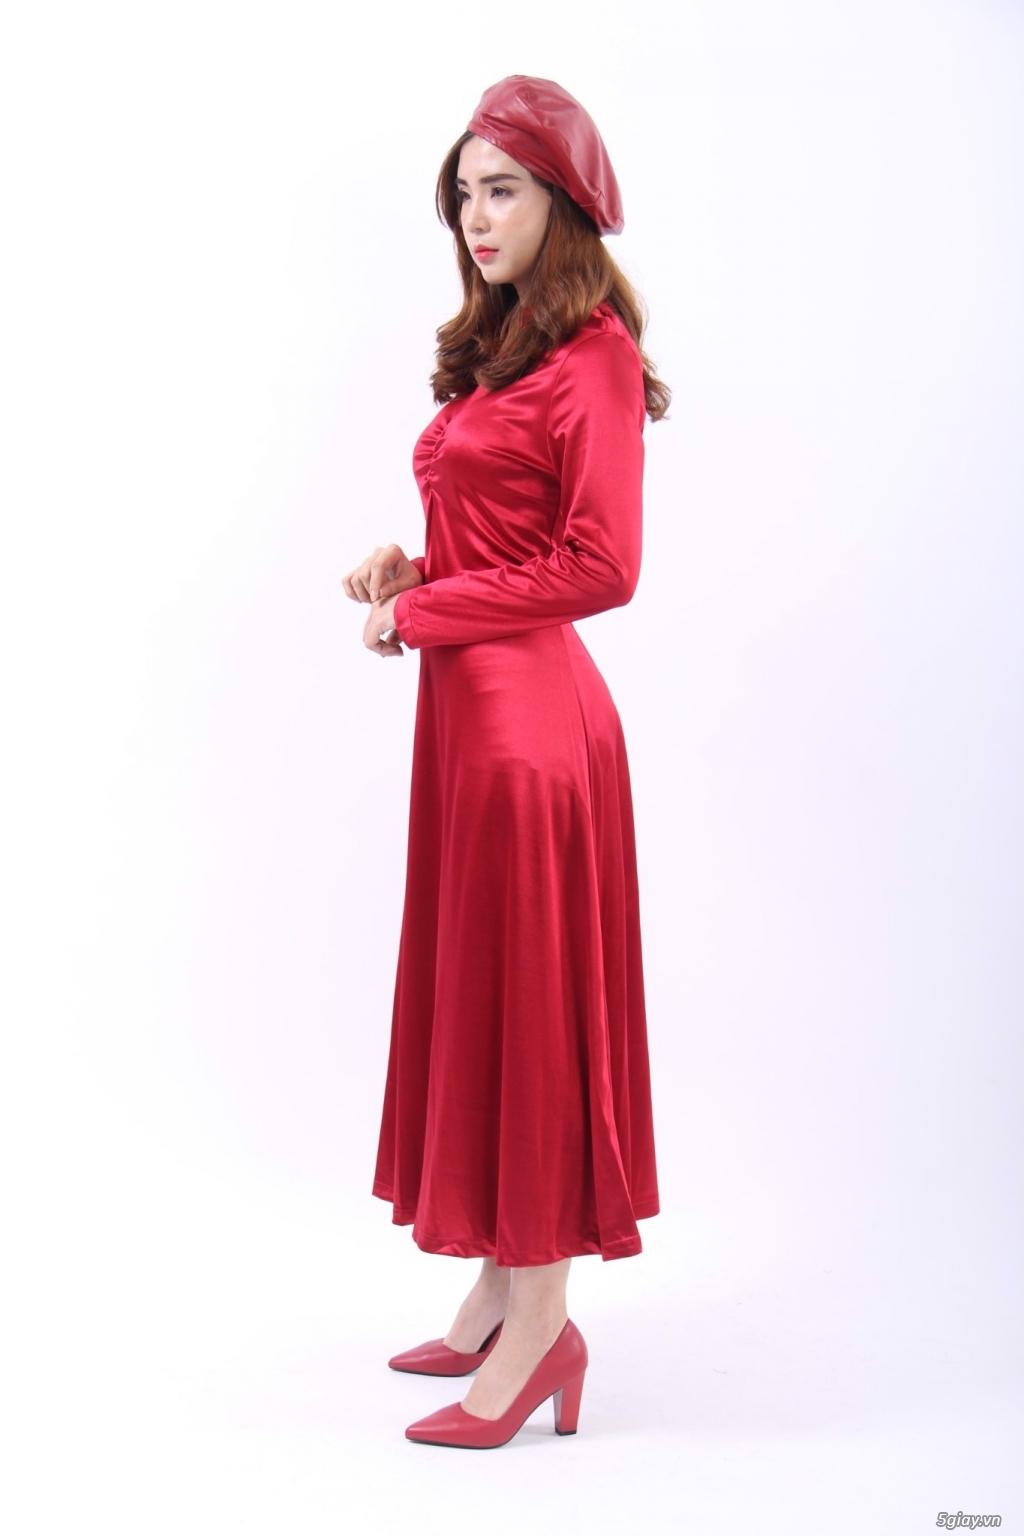 Wal House Fashion - Thương Hiệu Việt - Kiểu dáng đa dạng - 12